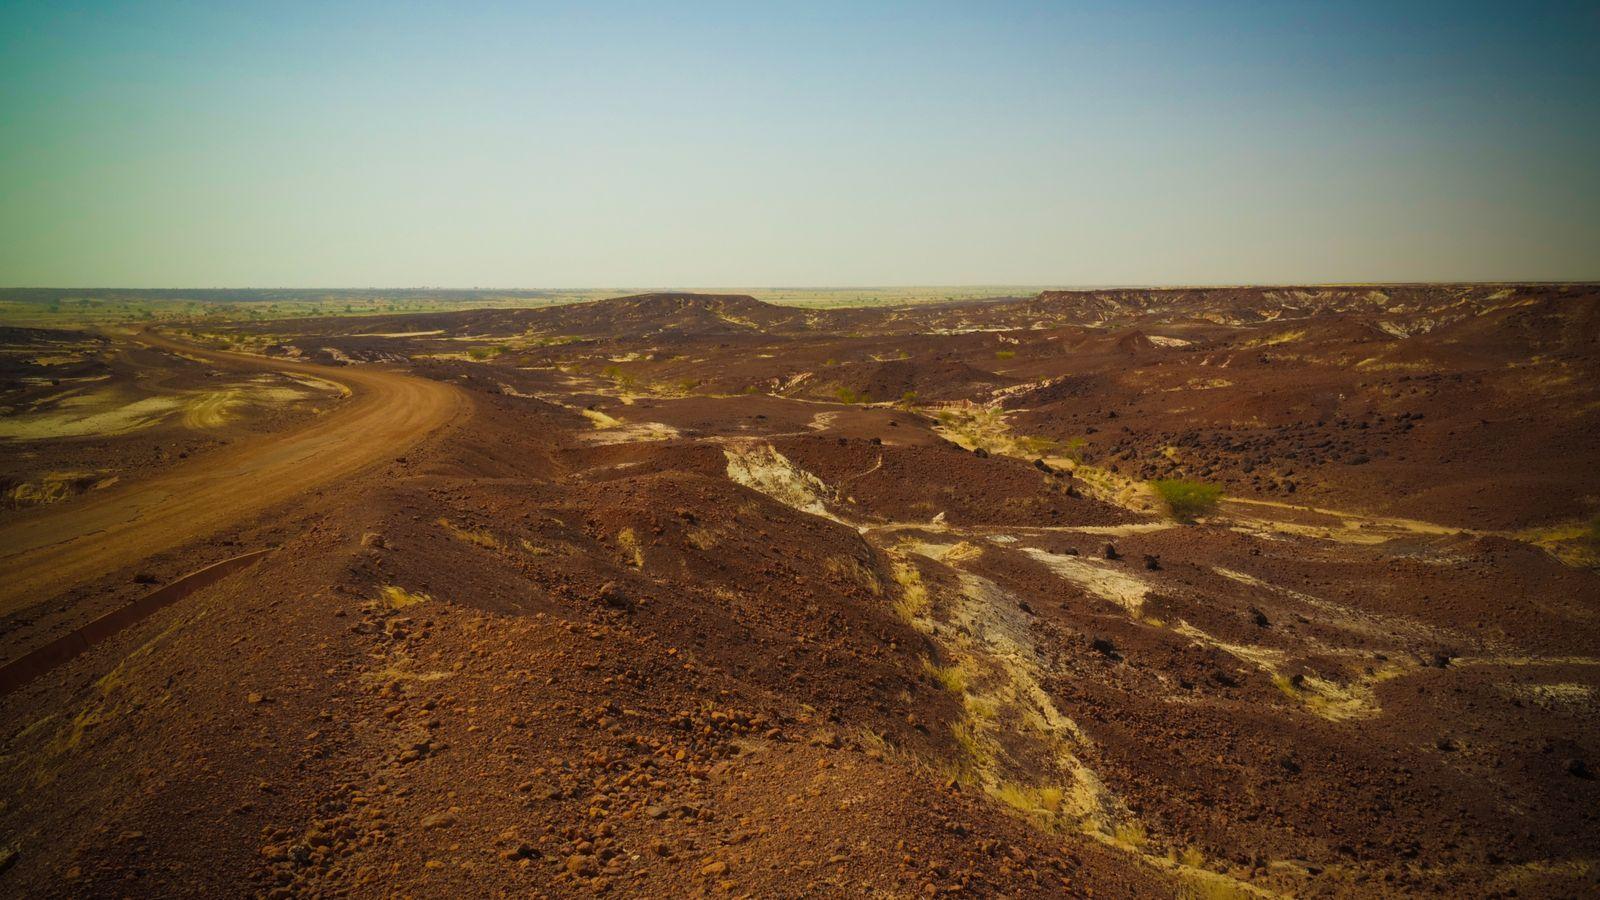 Paysage rocheux au désert du Sahara près de la région de Tchirozerine, Agadez, Niger.